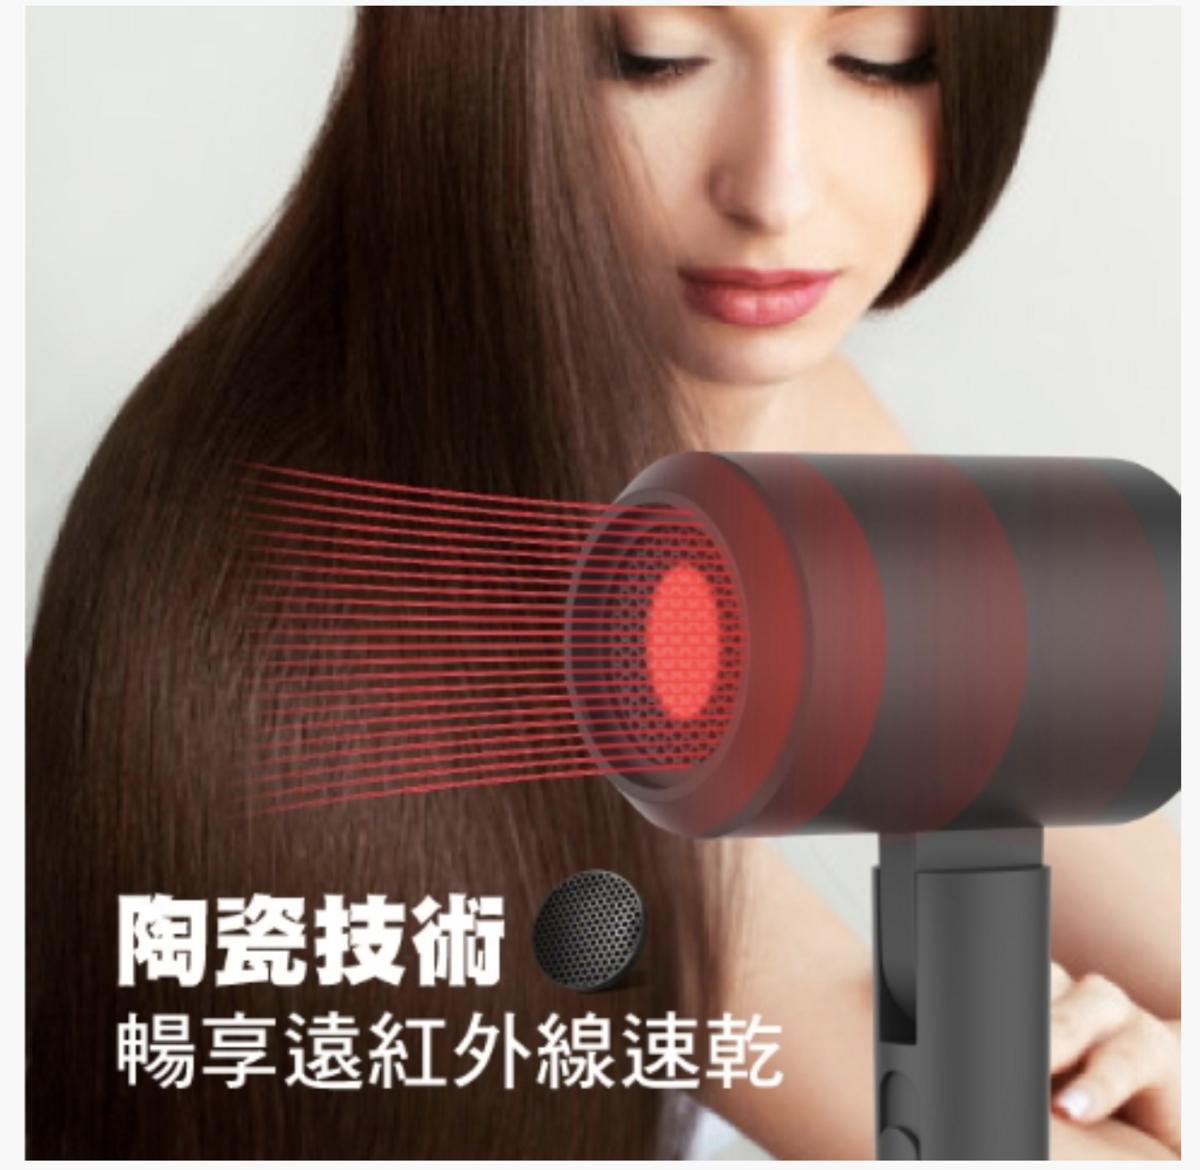 美型吹風機團購|好用、輕巧、風量大、吹頭髮同時就在護髮囉~ KINYO陶瓷負離子吹風機~